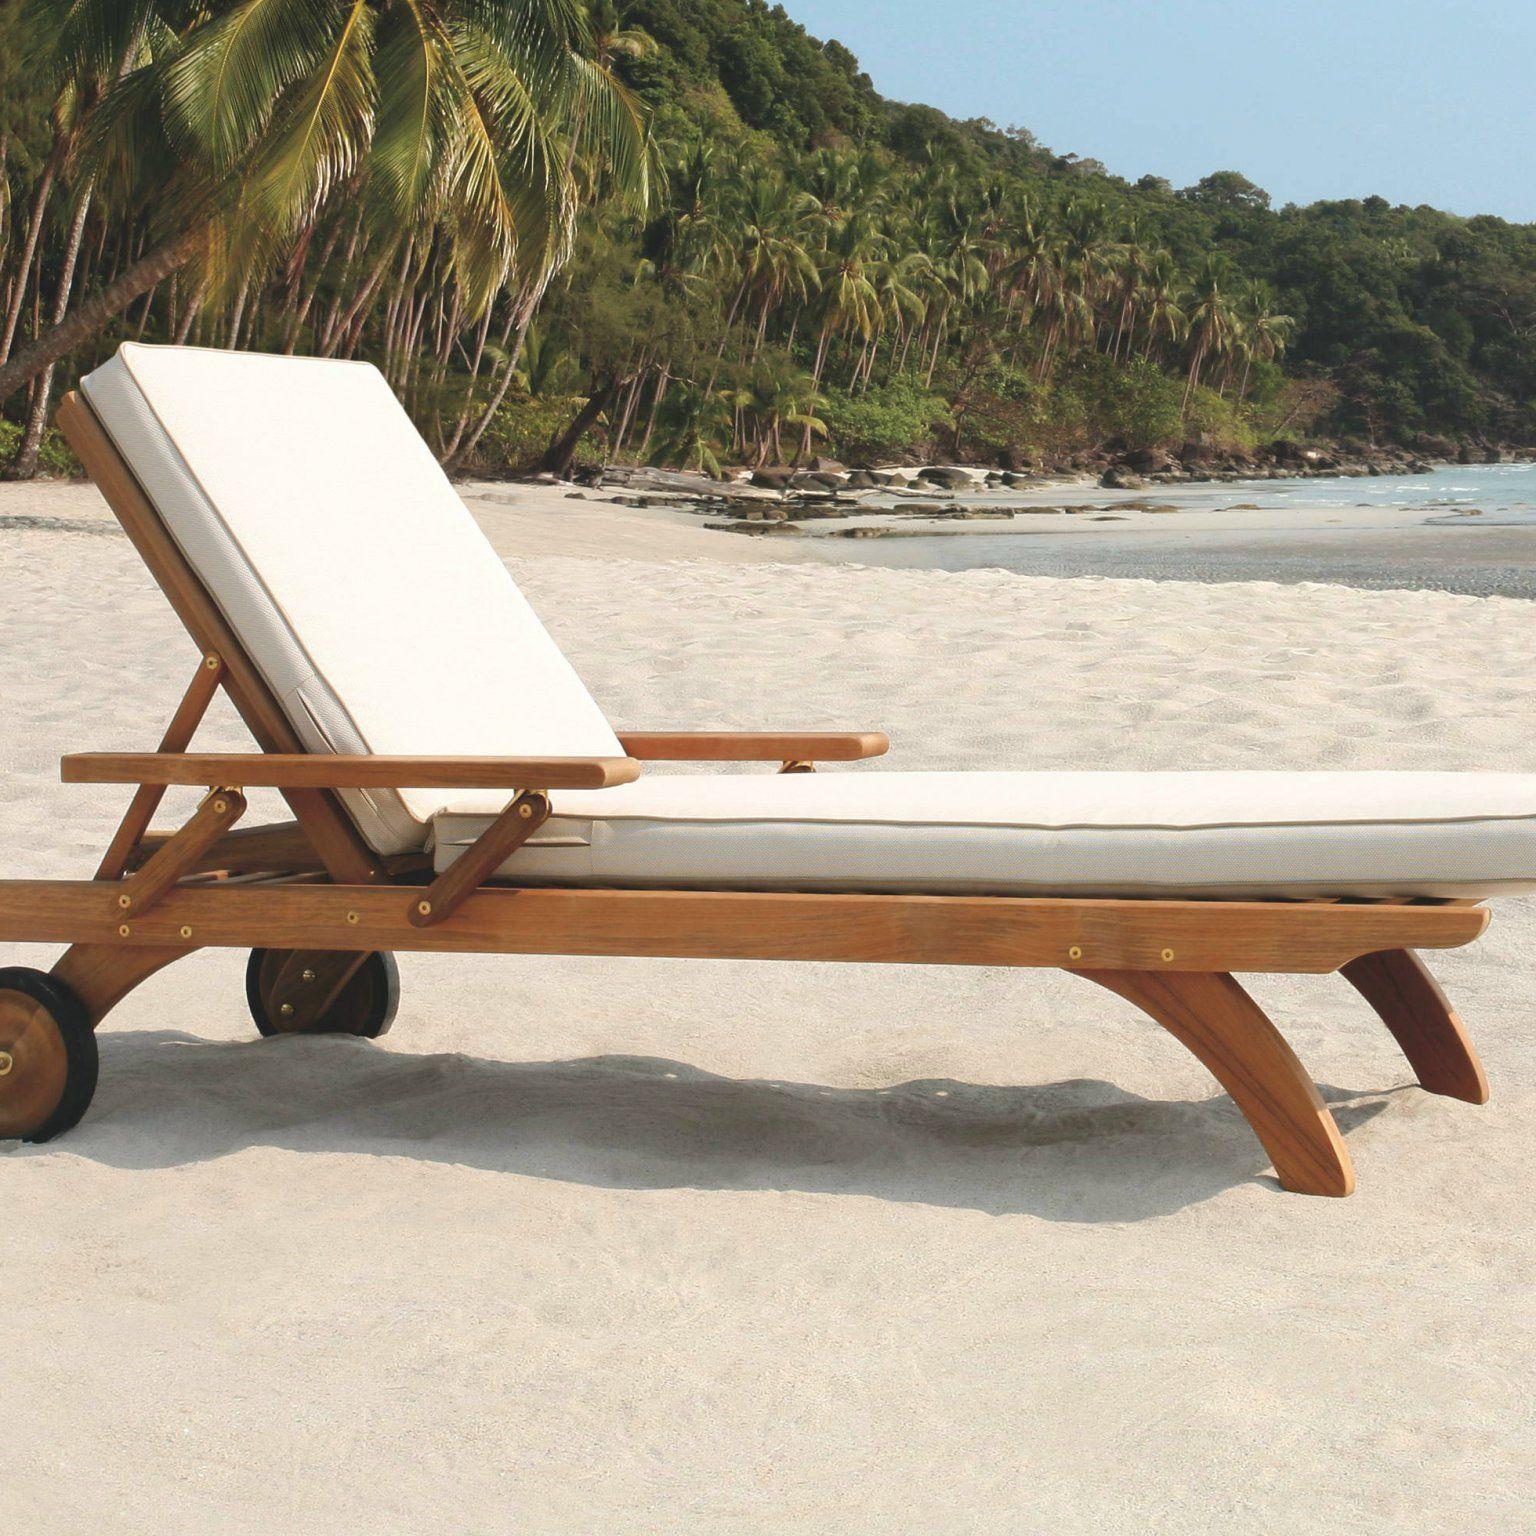 10 Transats Et Chaises Longues Pour Farnienter Transat Chaise Longue Pliable Chaise